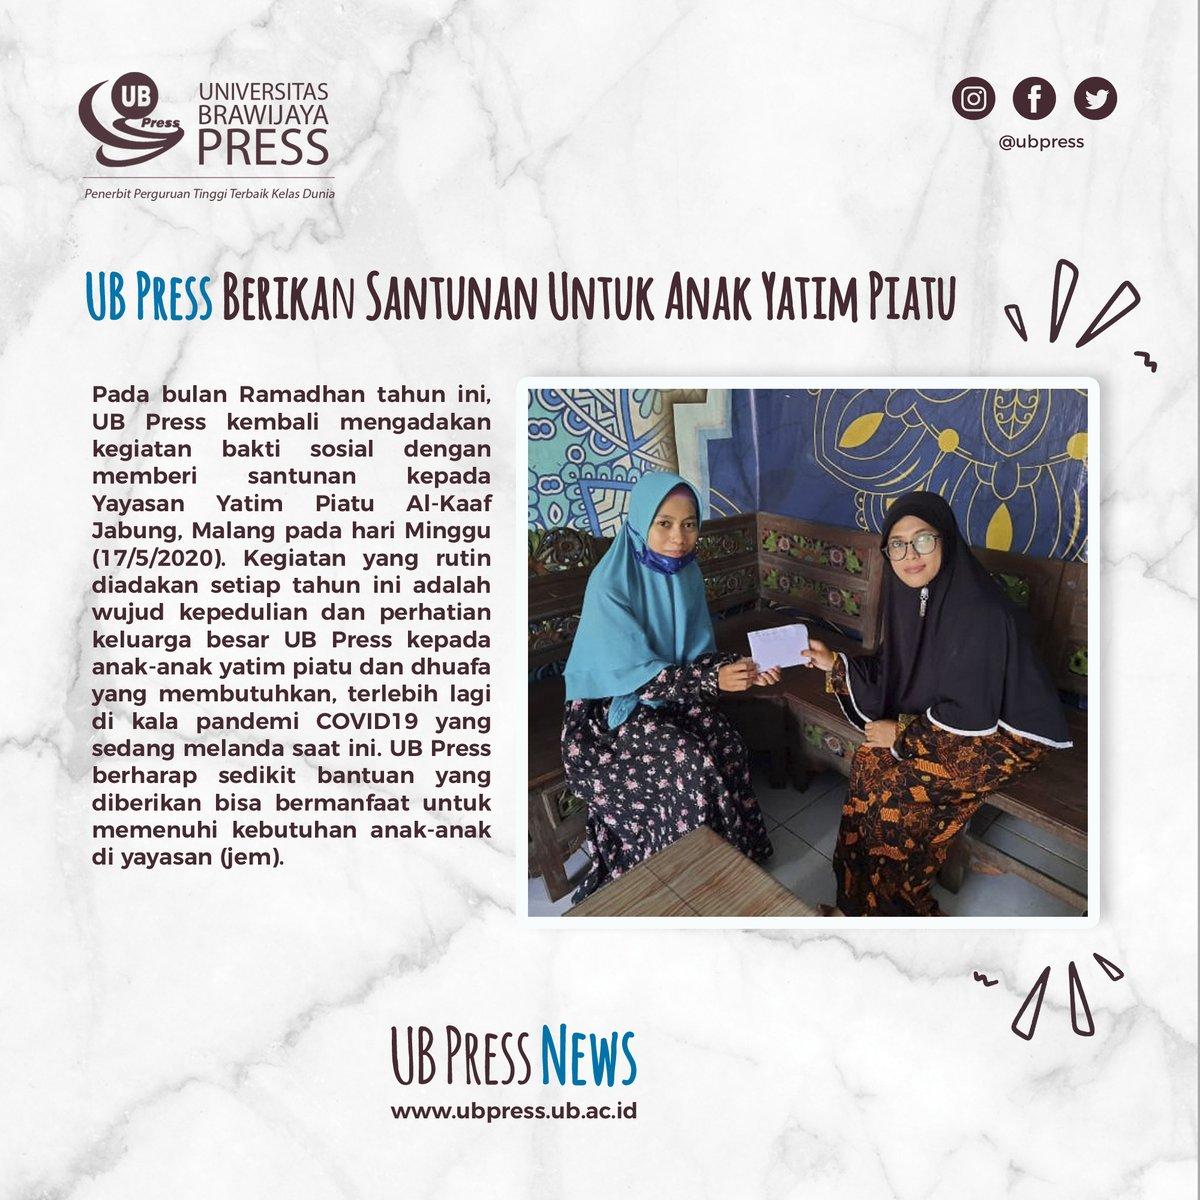 Replying to @UBPress: UB Press Berikan Santunan Untuk Anak Yatim Piatu :)